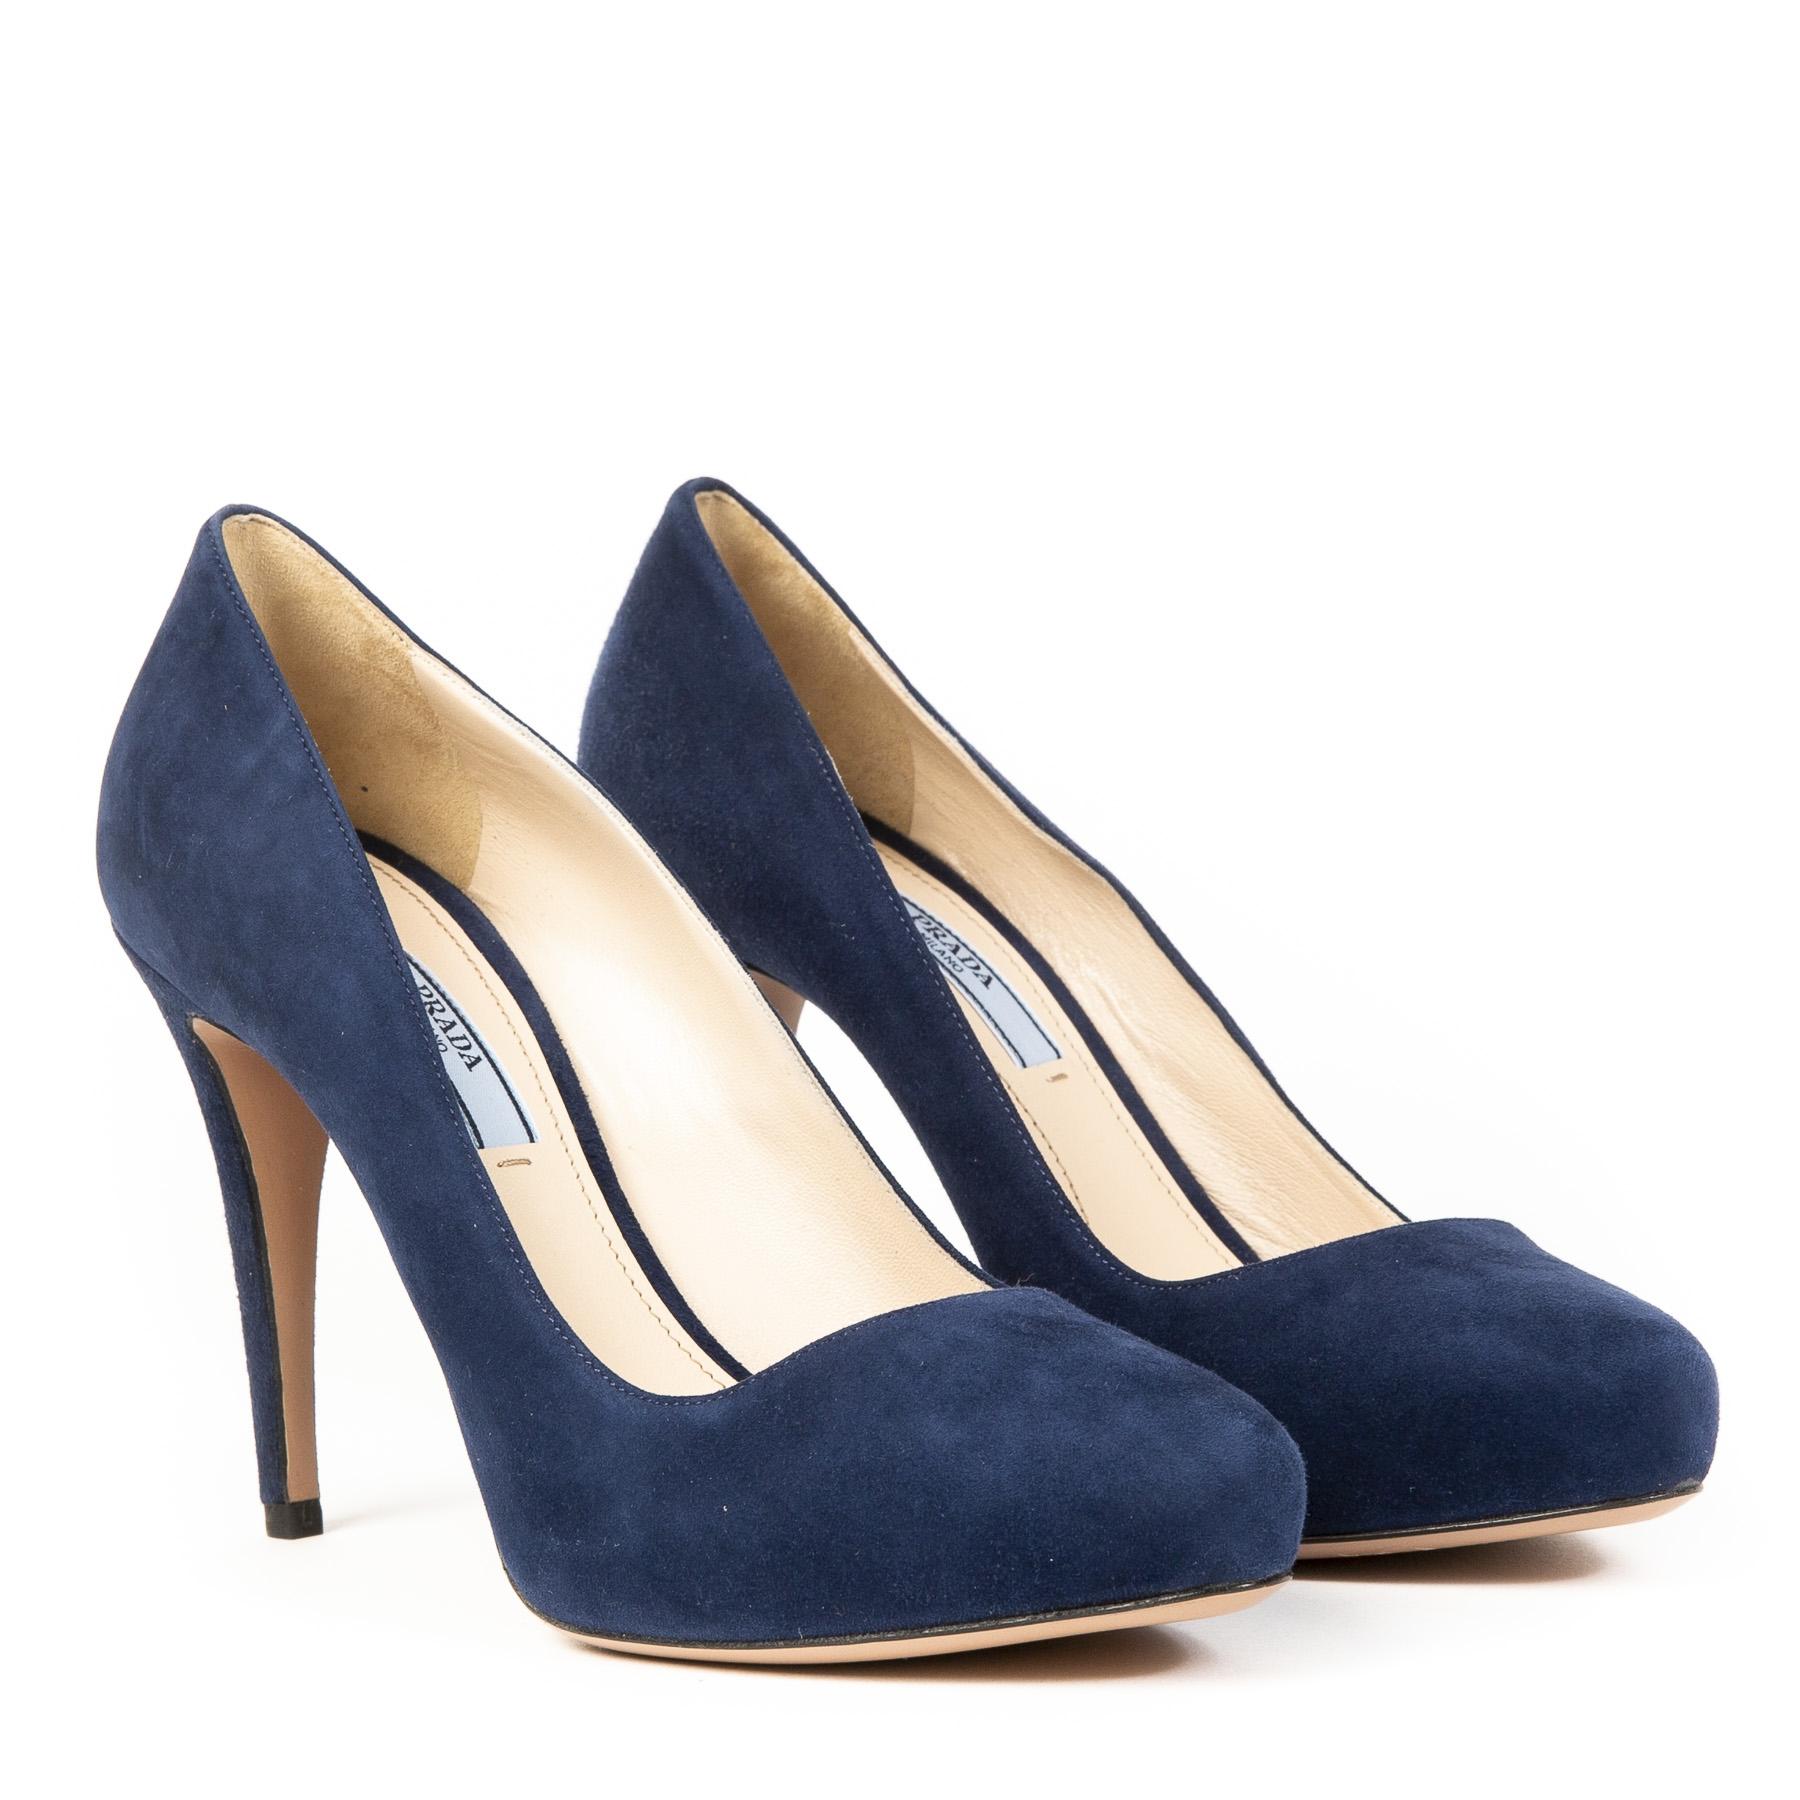 Authentieke Tweedehands Prada Navy Blue Suede Platform Pumps juiste prijs veilig online shoppen webshop luxe merken Antwerpen België